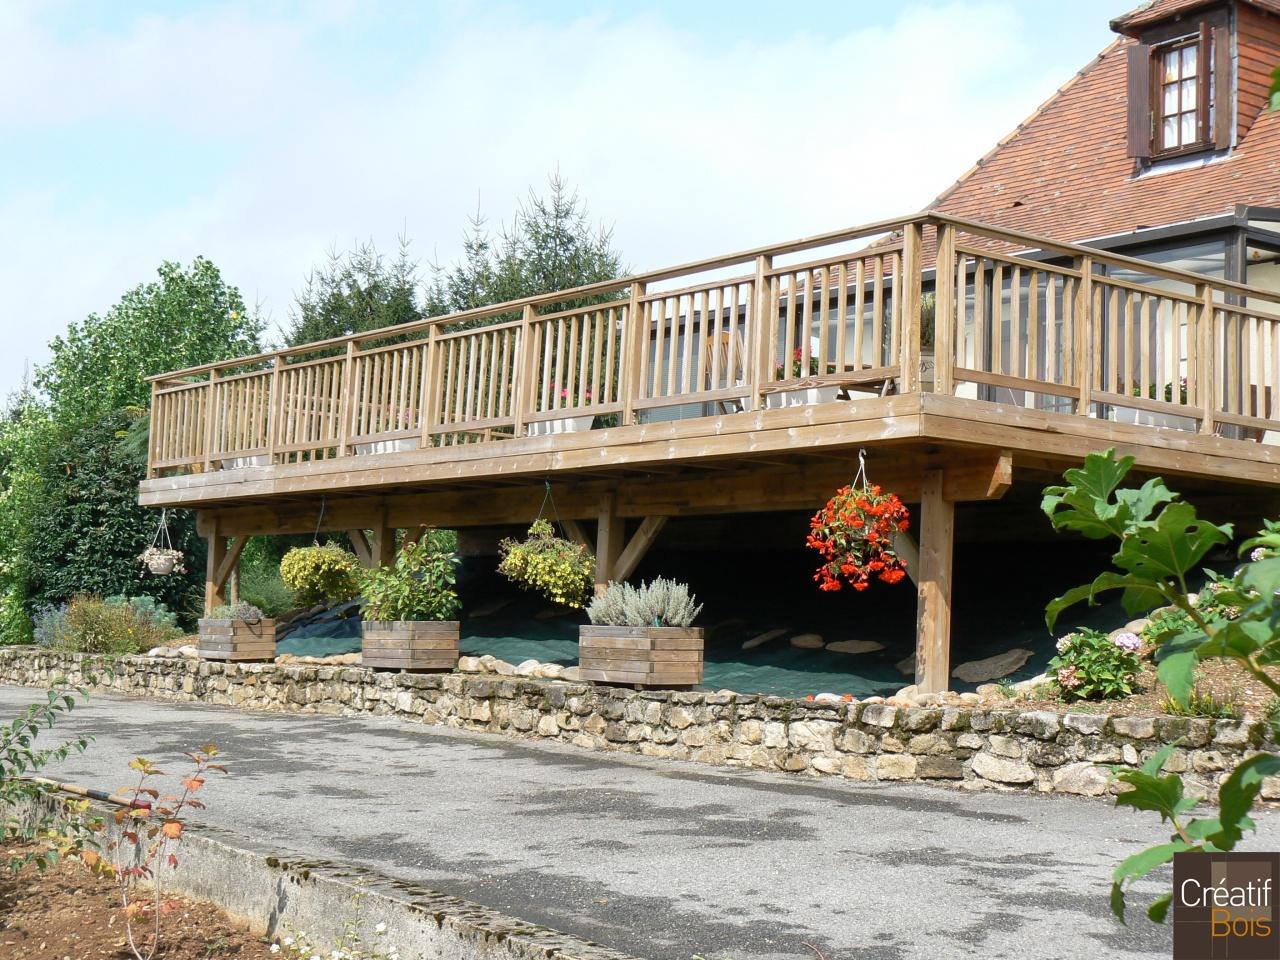 terrasse bois sur poteaux hautefage corr ze 19 r alisation terrasses cr atif bois galerie. Black Bedroom Furniture Sets. Home Design Ideas